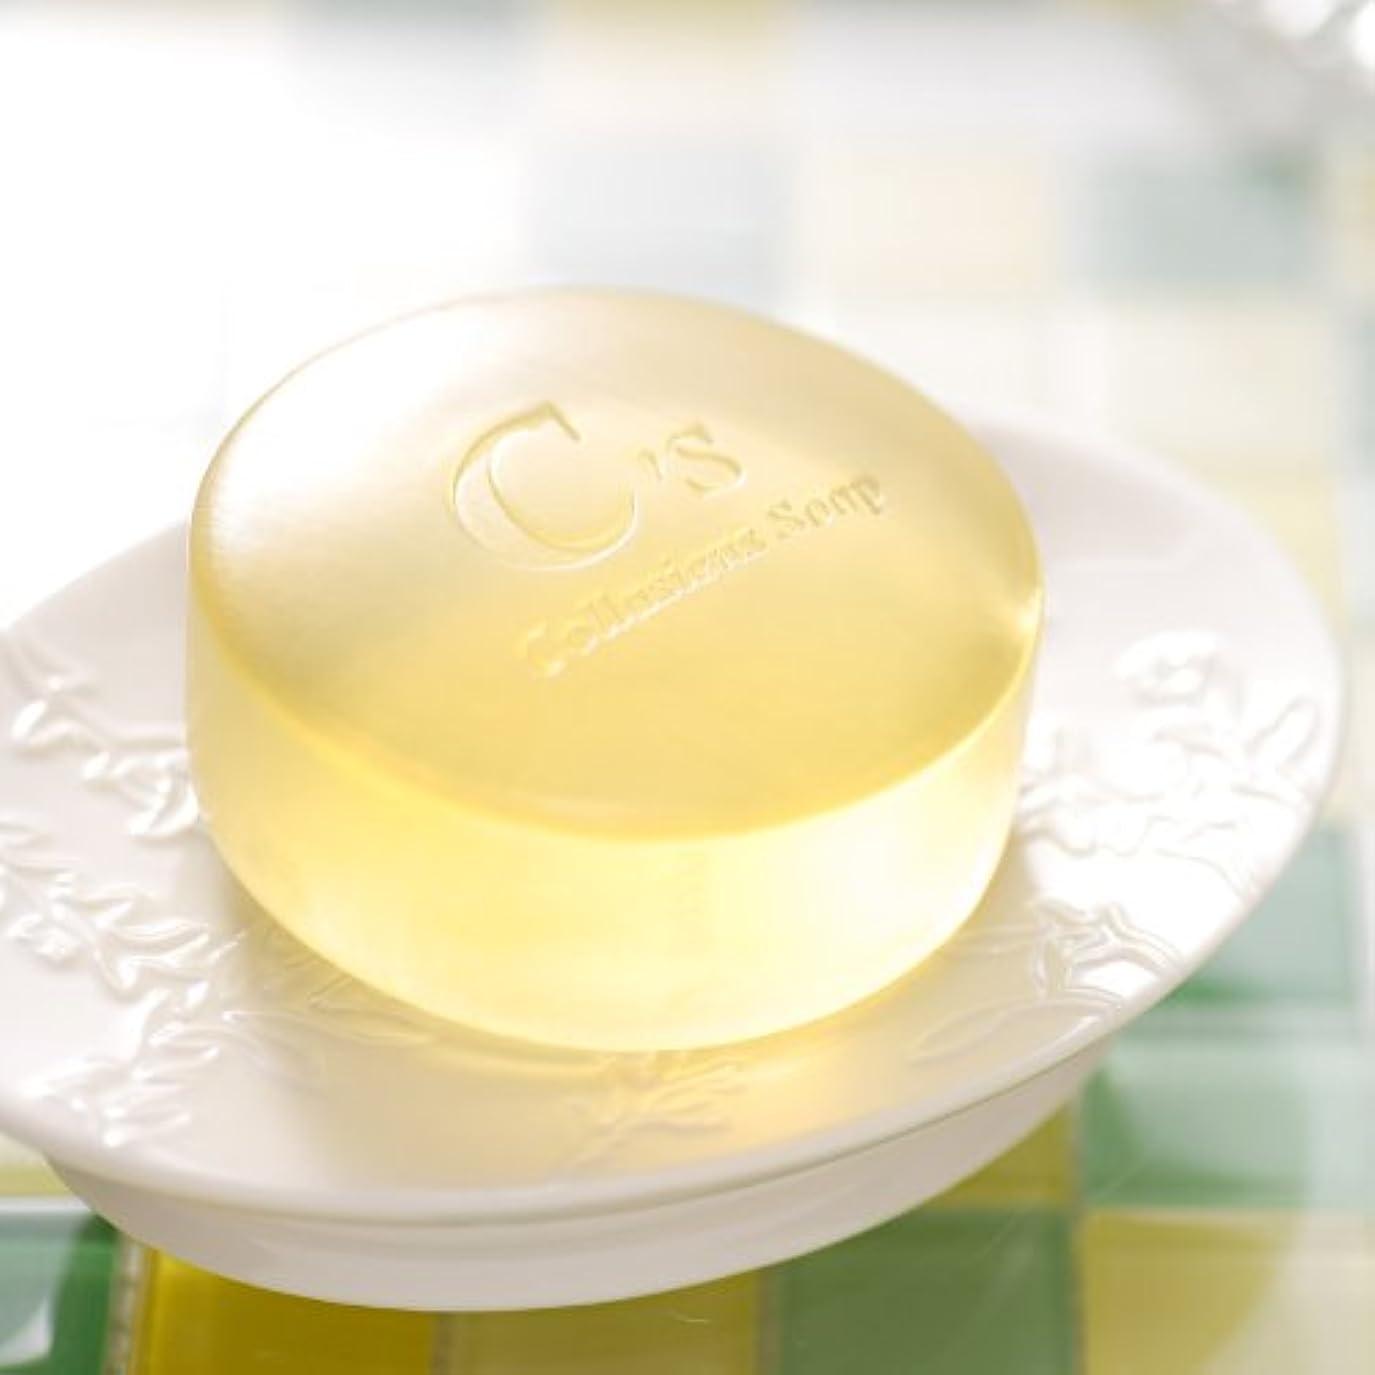 報奨金過激派胴体肌理石鹸(きめせっけん)☆90日間熟成させた手作りソープ